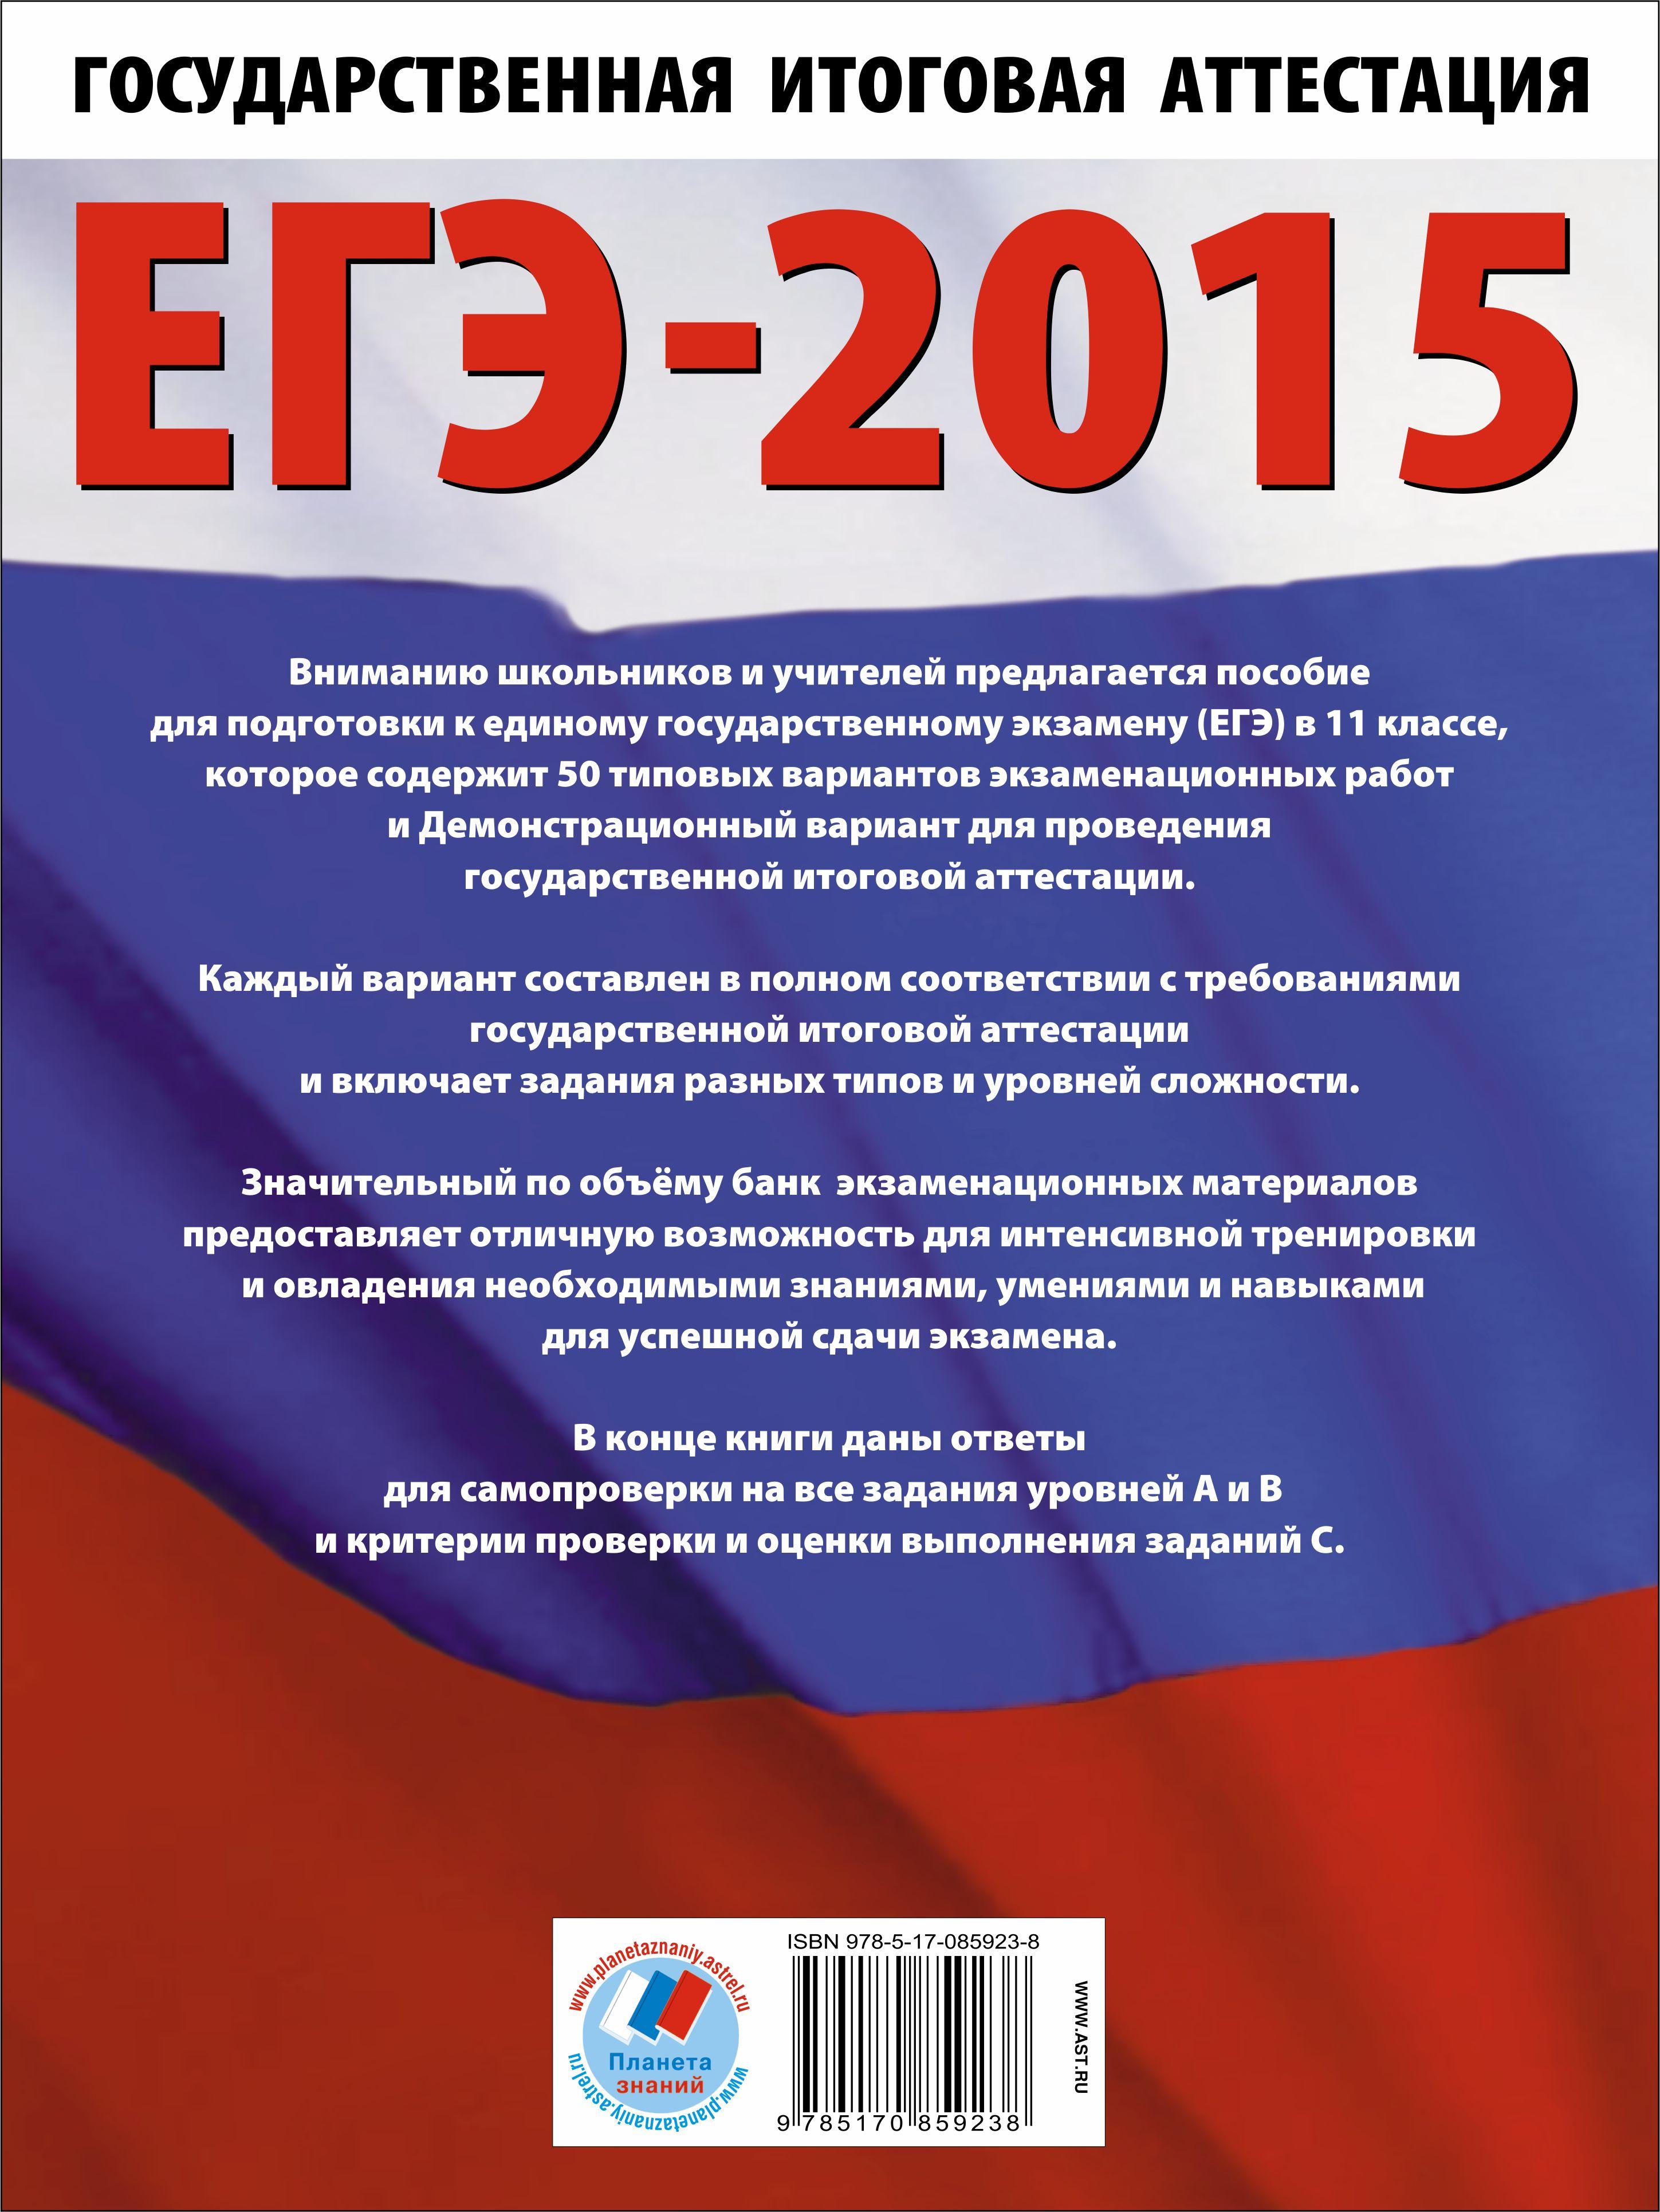 ЕГЭ-2015. Русский язык. 11 класс. 50 типовых вариантов экзаменационных работ для подготовки к ЕГЭ